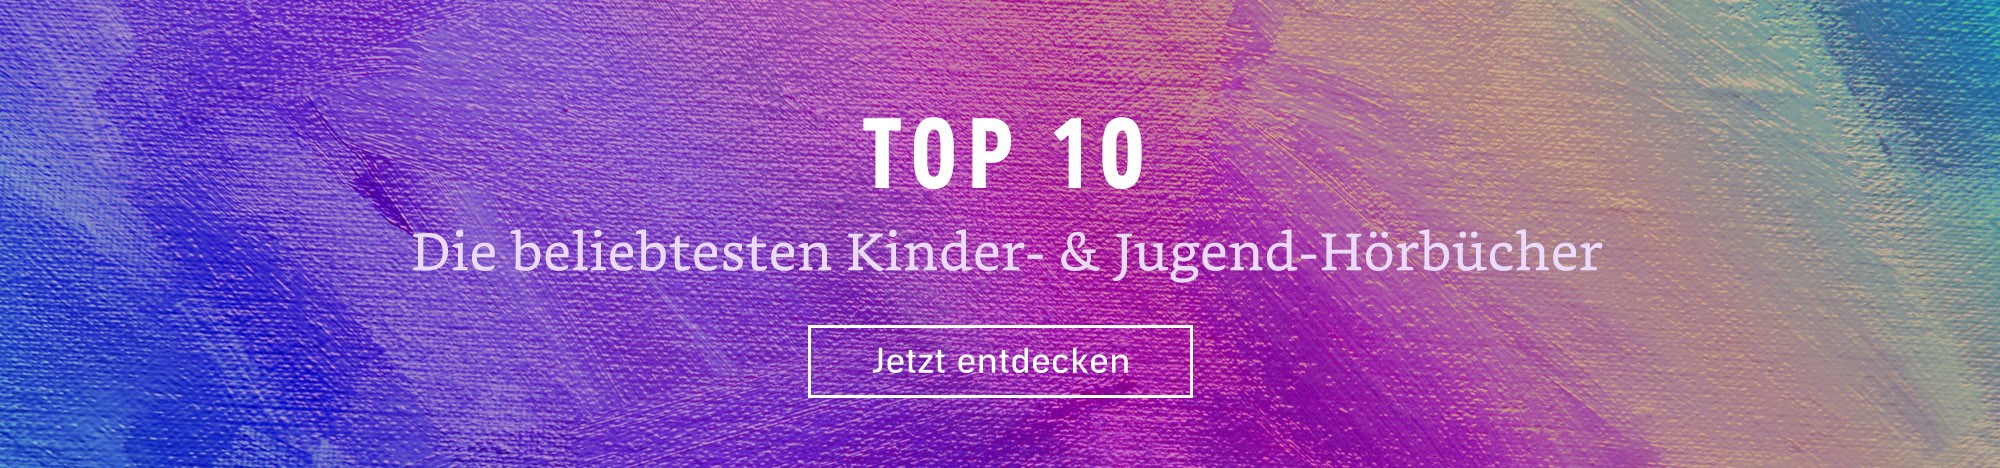 Top 10 - Die beliebtesten Kinder- und Jugendhörbücher